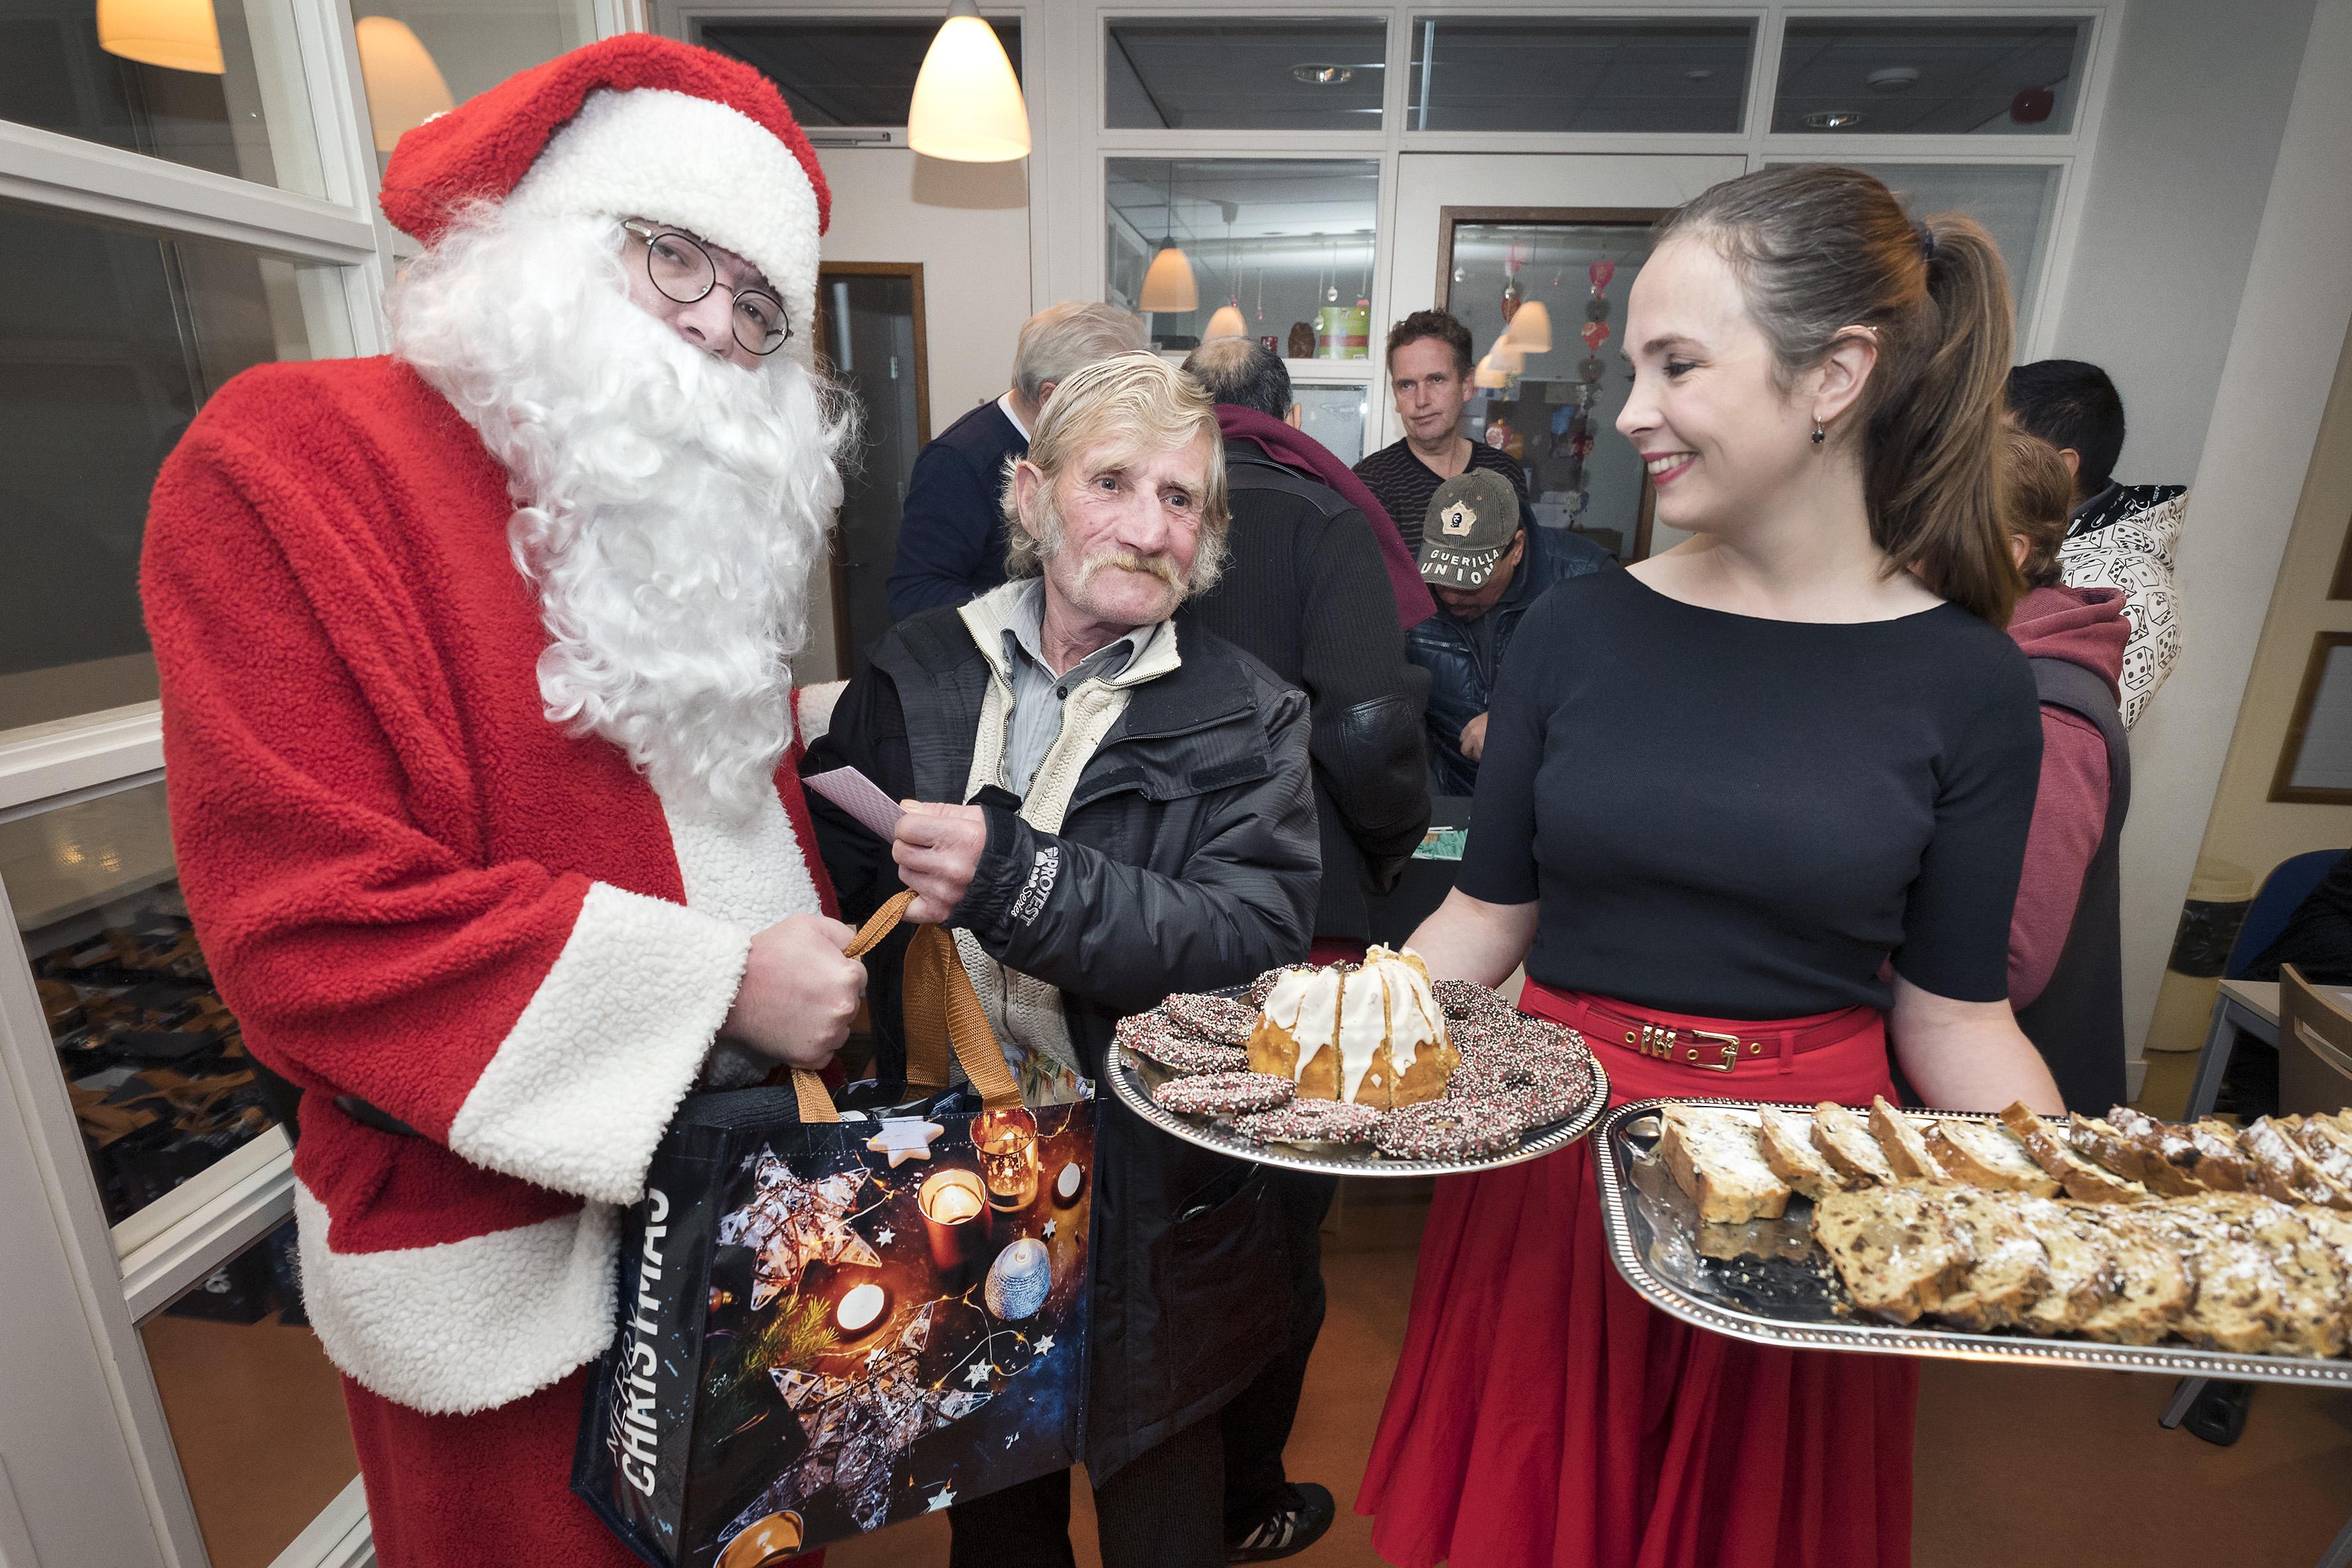 Bij Straatjournaal is het al volop Kerst: honderd kerstpakketten voor honderd verkopers